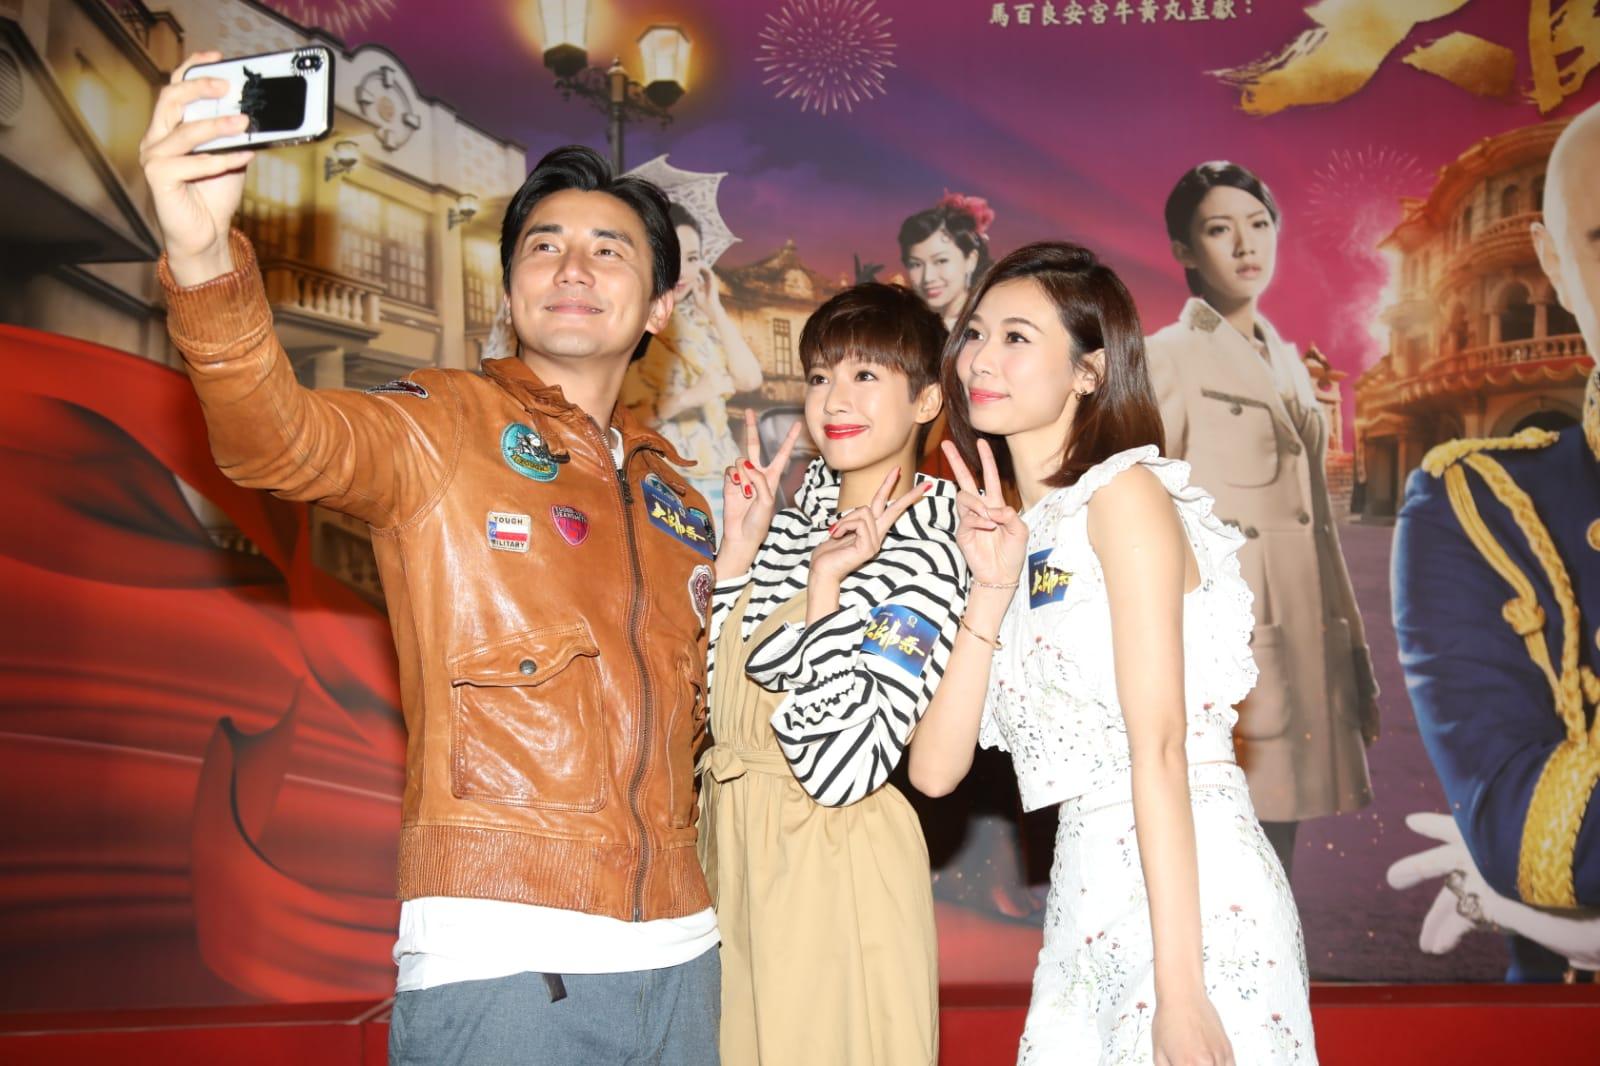 對於劇集獲觀眾支持,楊秀惠跟蔡思貝均感到滿意, 二人均表示期待開拍續集,他倆隨時候命。